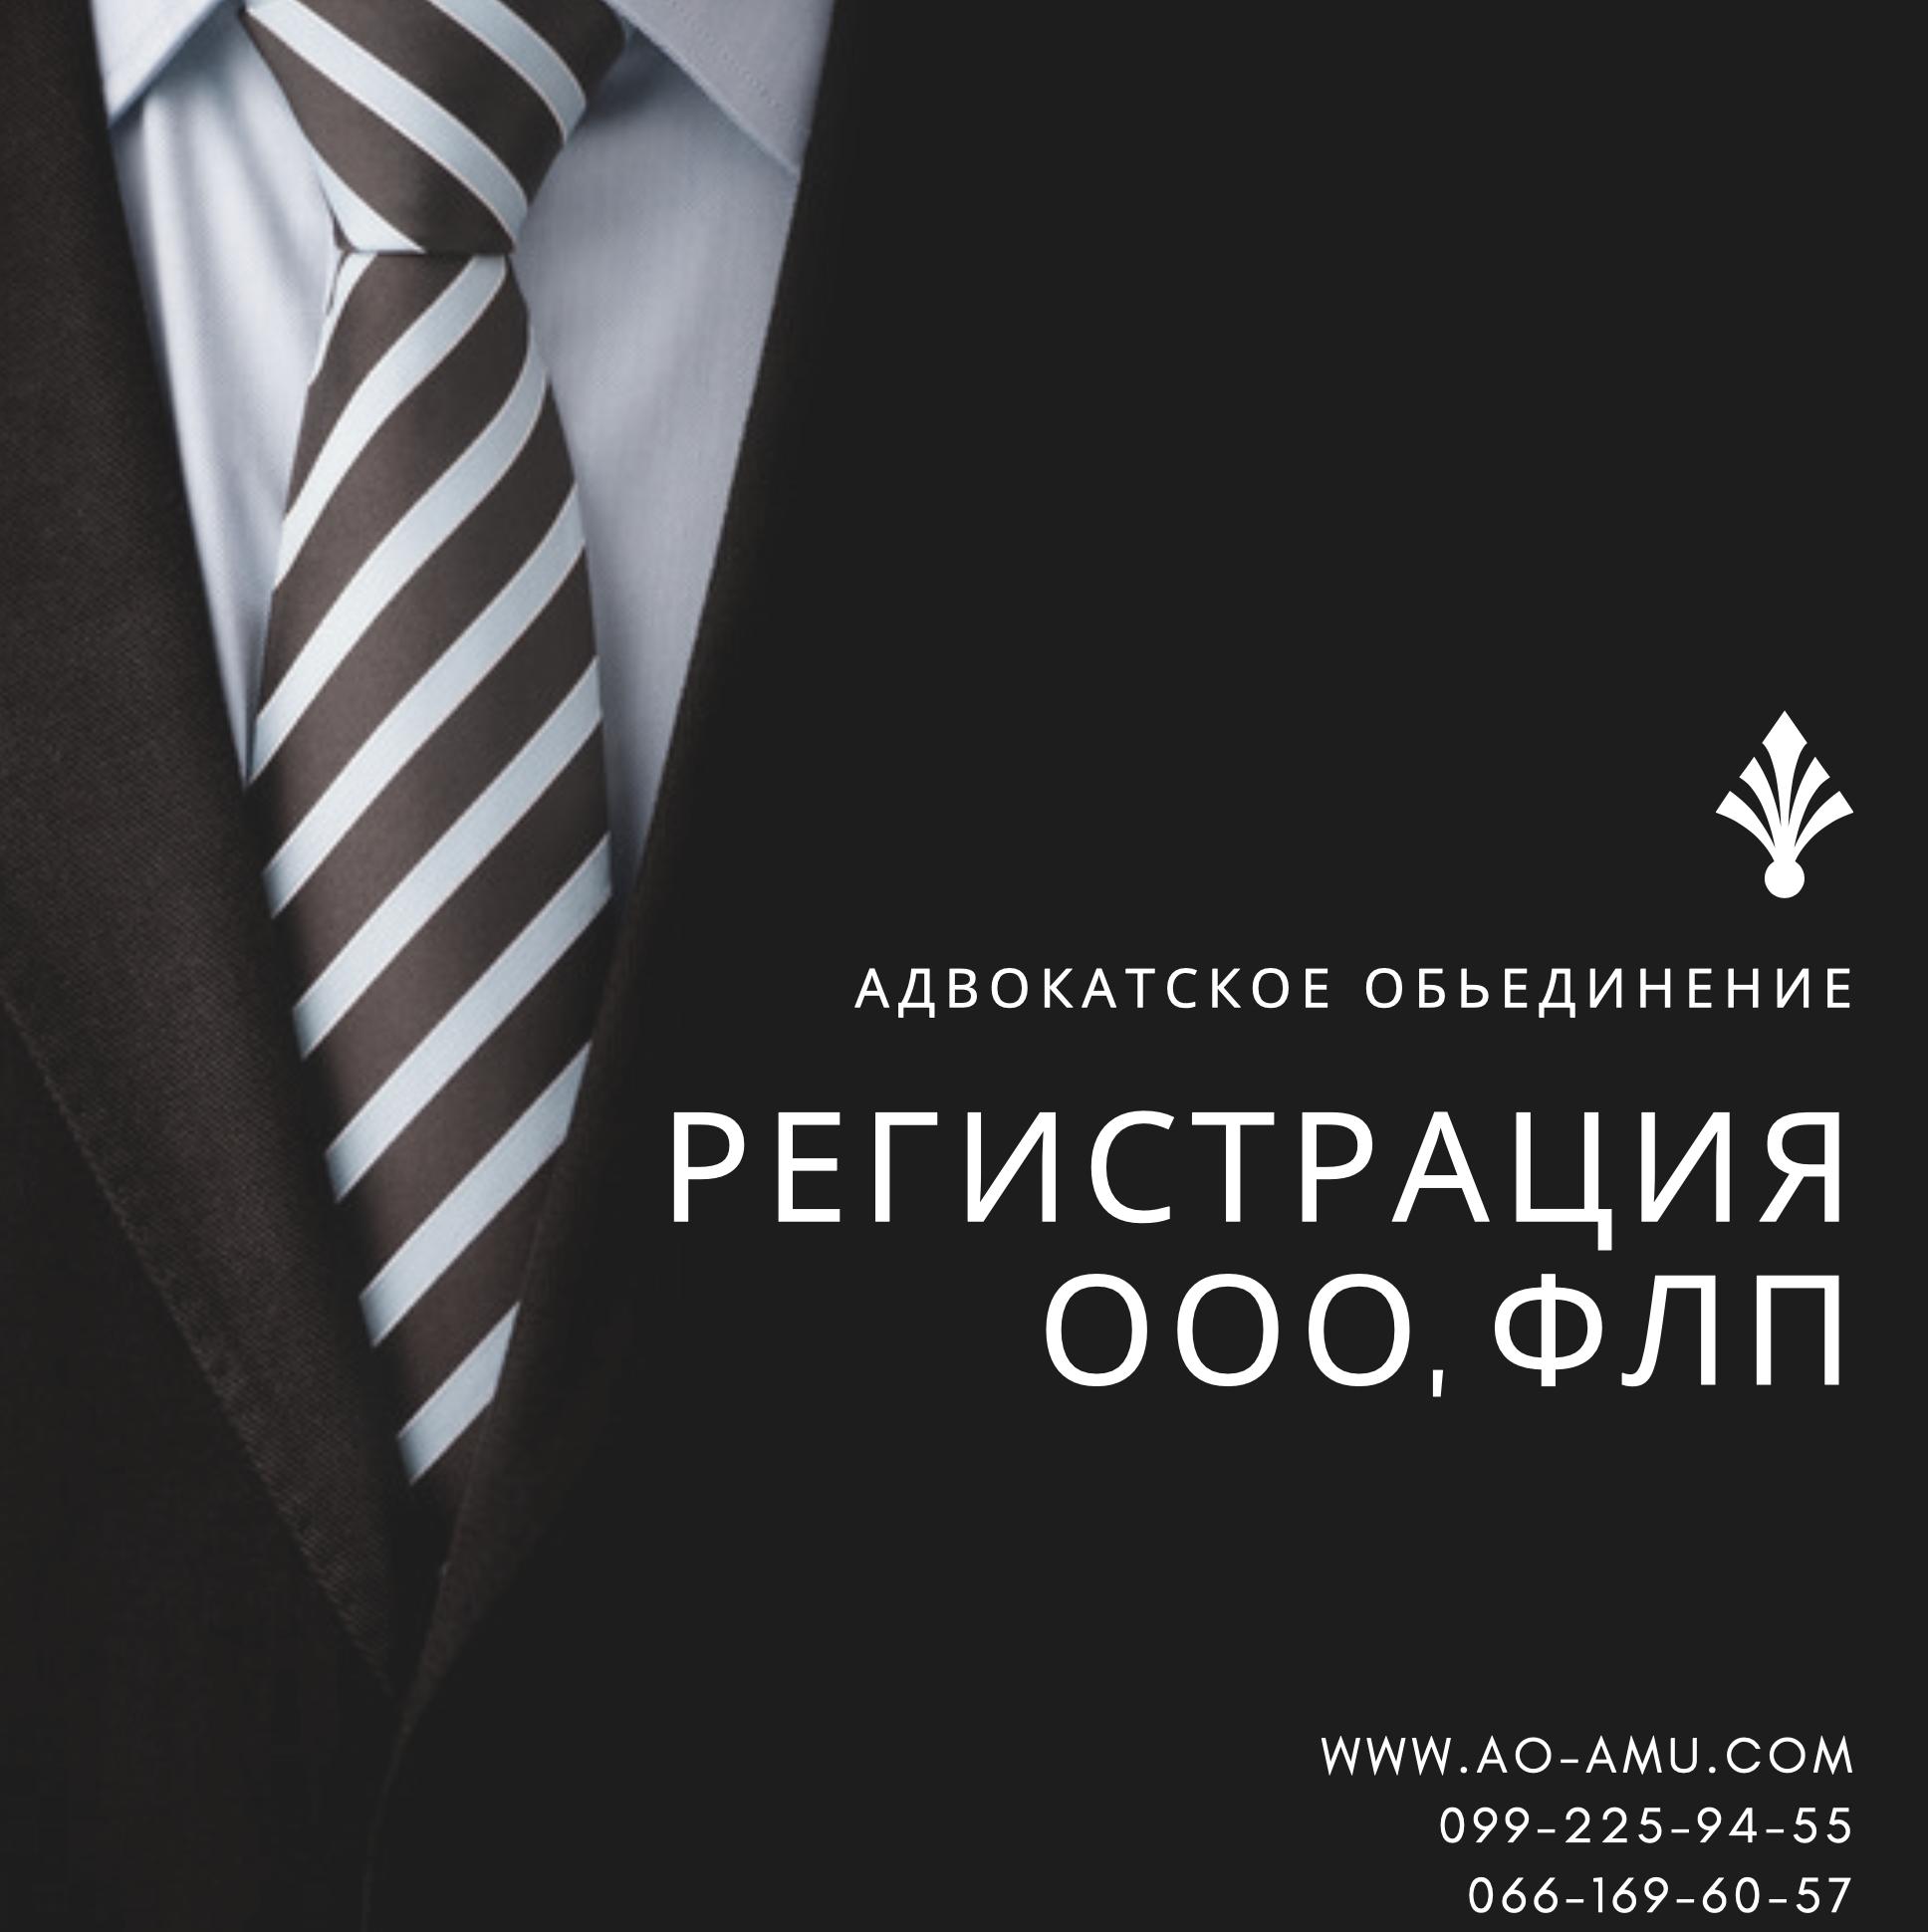 Фото РЕГИСТРАЦИЯ ООО, ФЛП